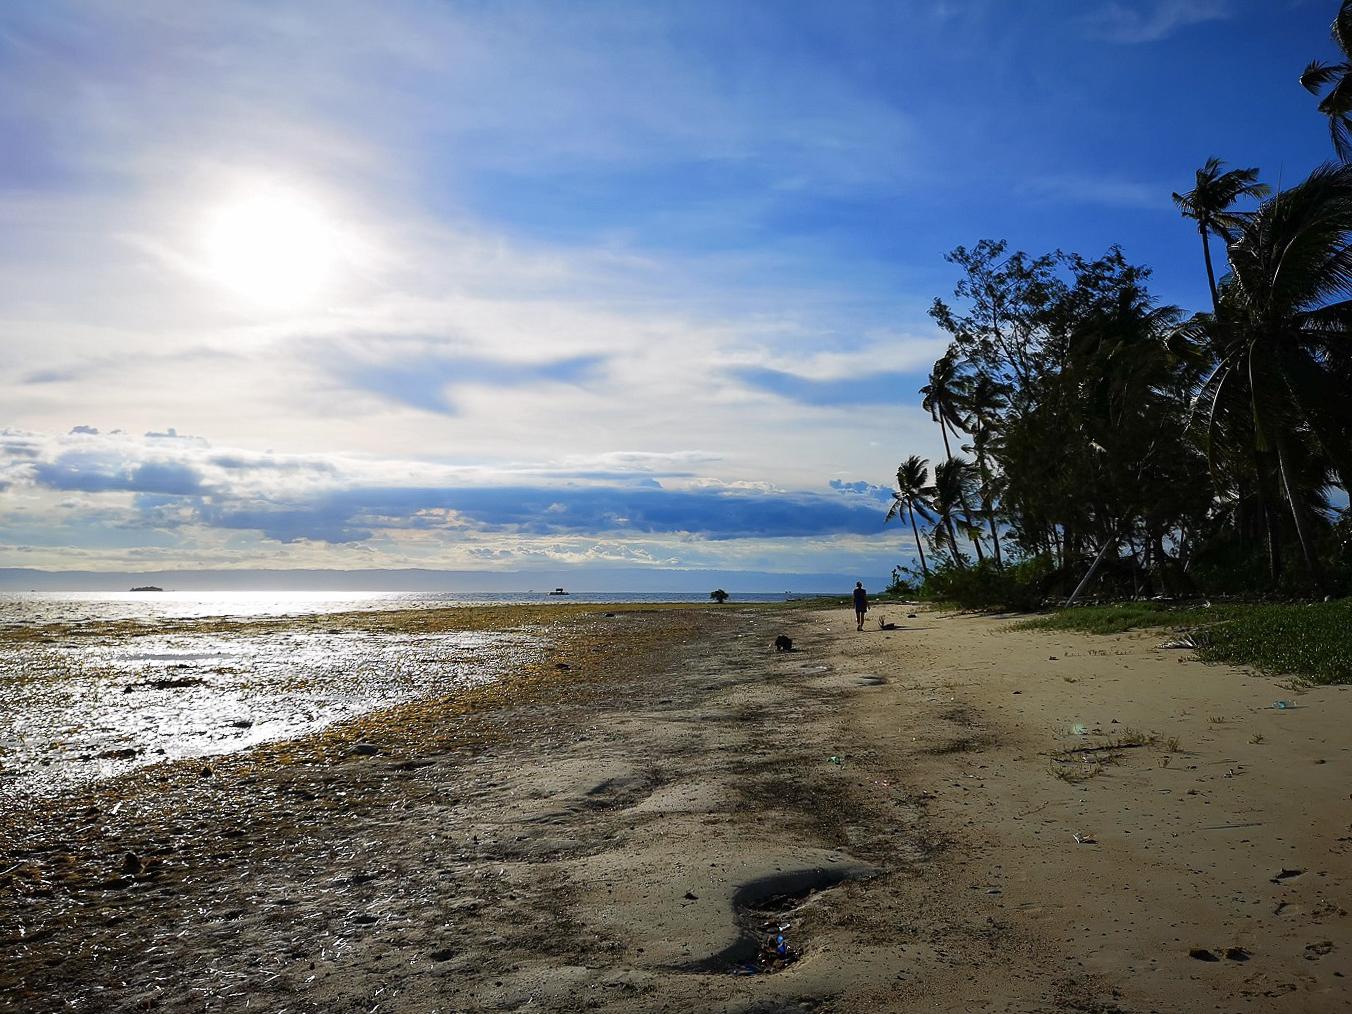 Plage de Danao Beach à Panglao aux Philippines